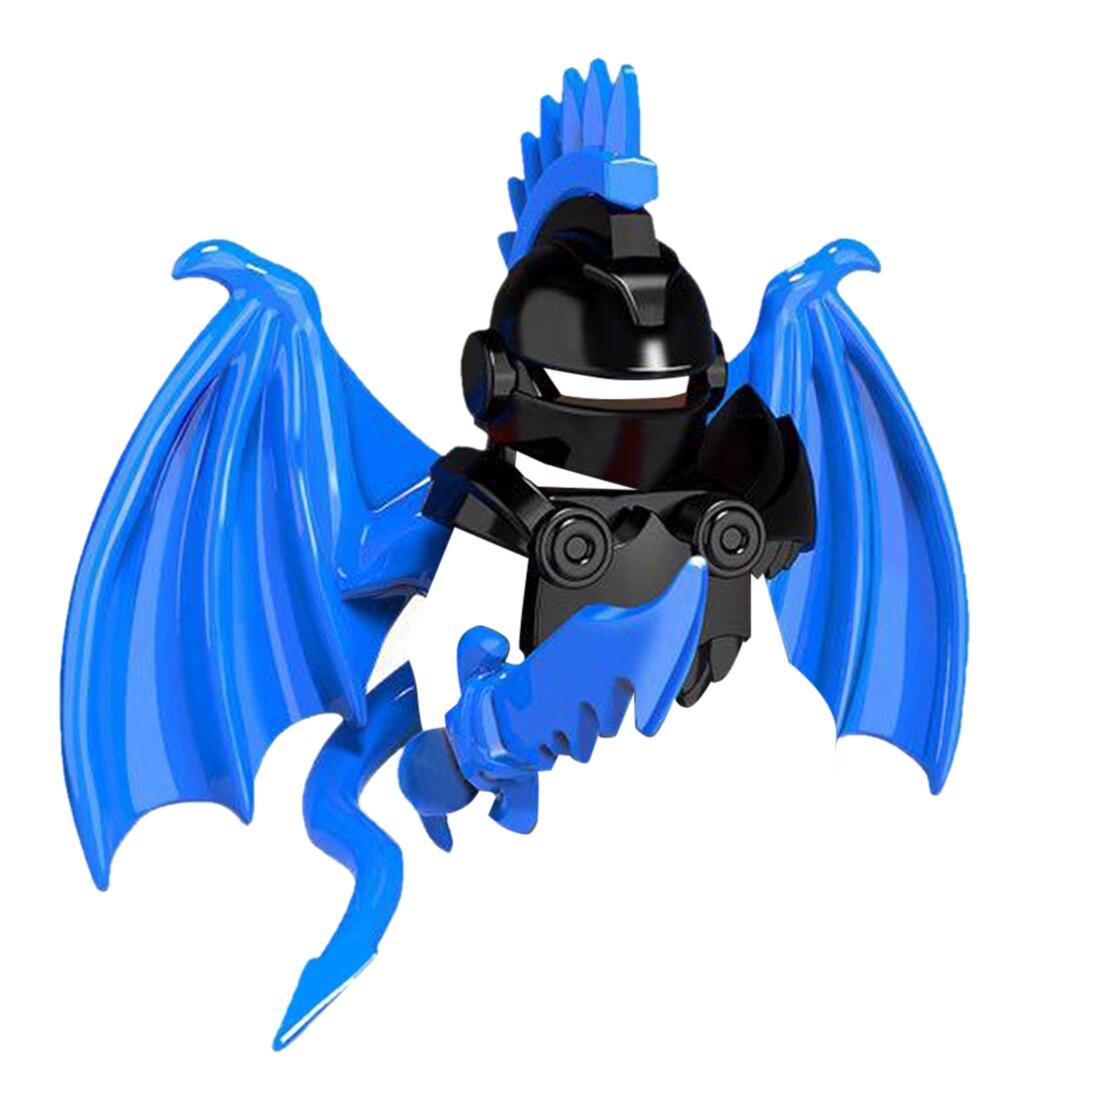 Средневековая тема Дракон рыцарь доспехи комплект оружия для DIY небольших частиц строительный блок(без фигуры)-синий PGPJ4072 - Цвет: 4